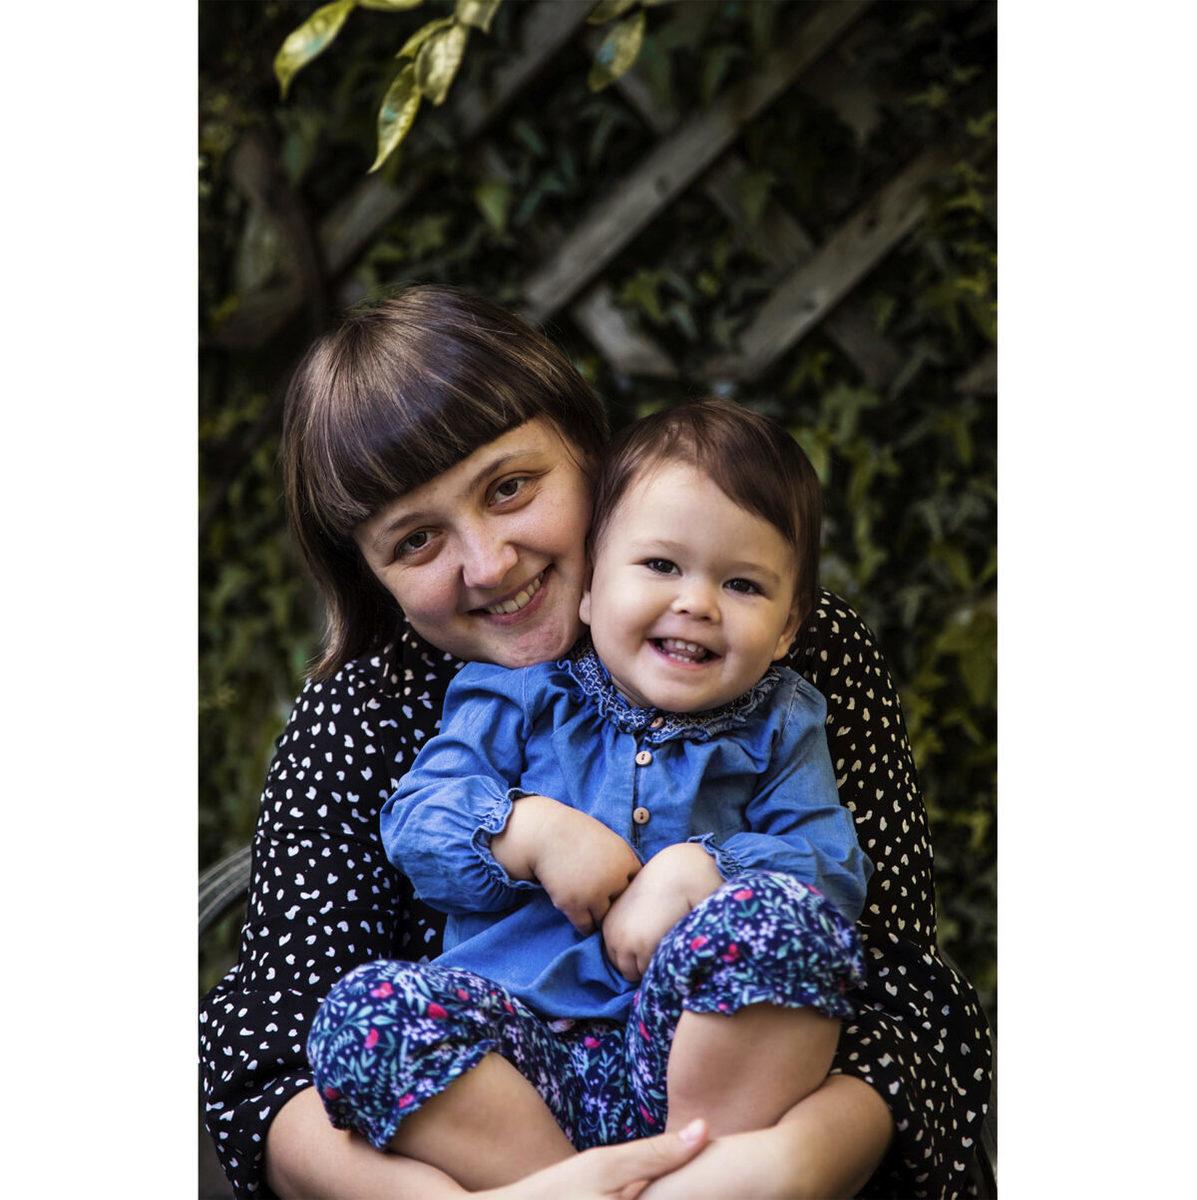 攝影師米哈艾拉和她小女兒娜塔莉亞(Natalia)的合照。(米哈艾拉提供)